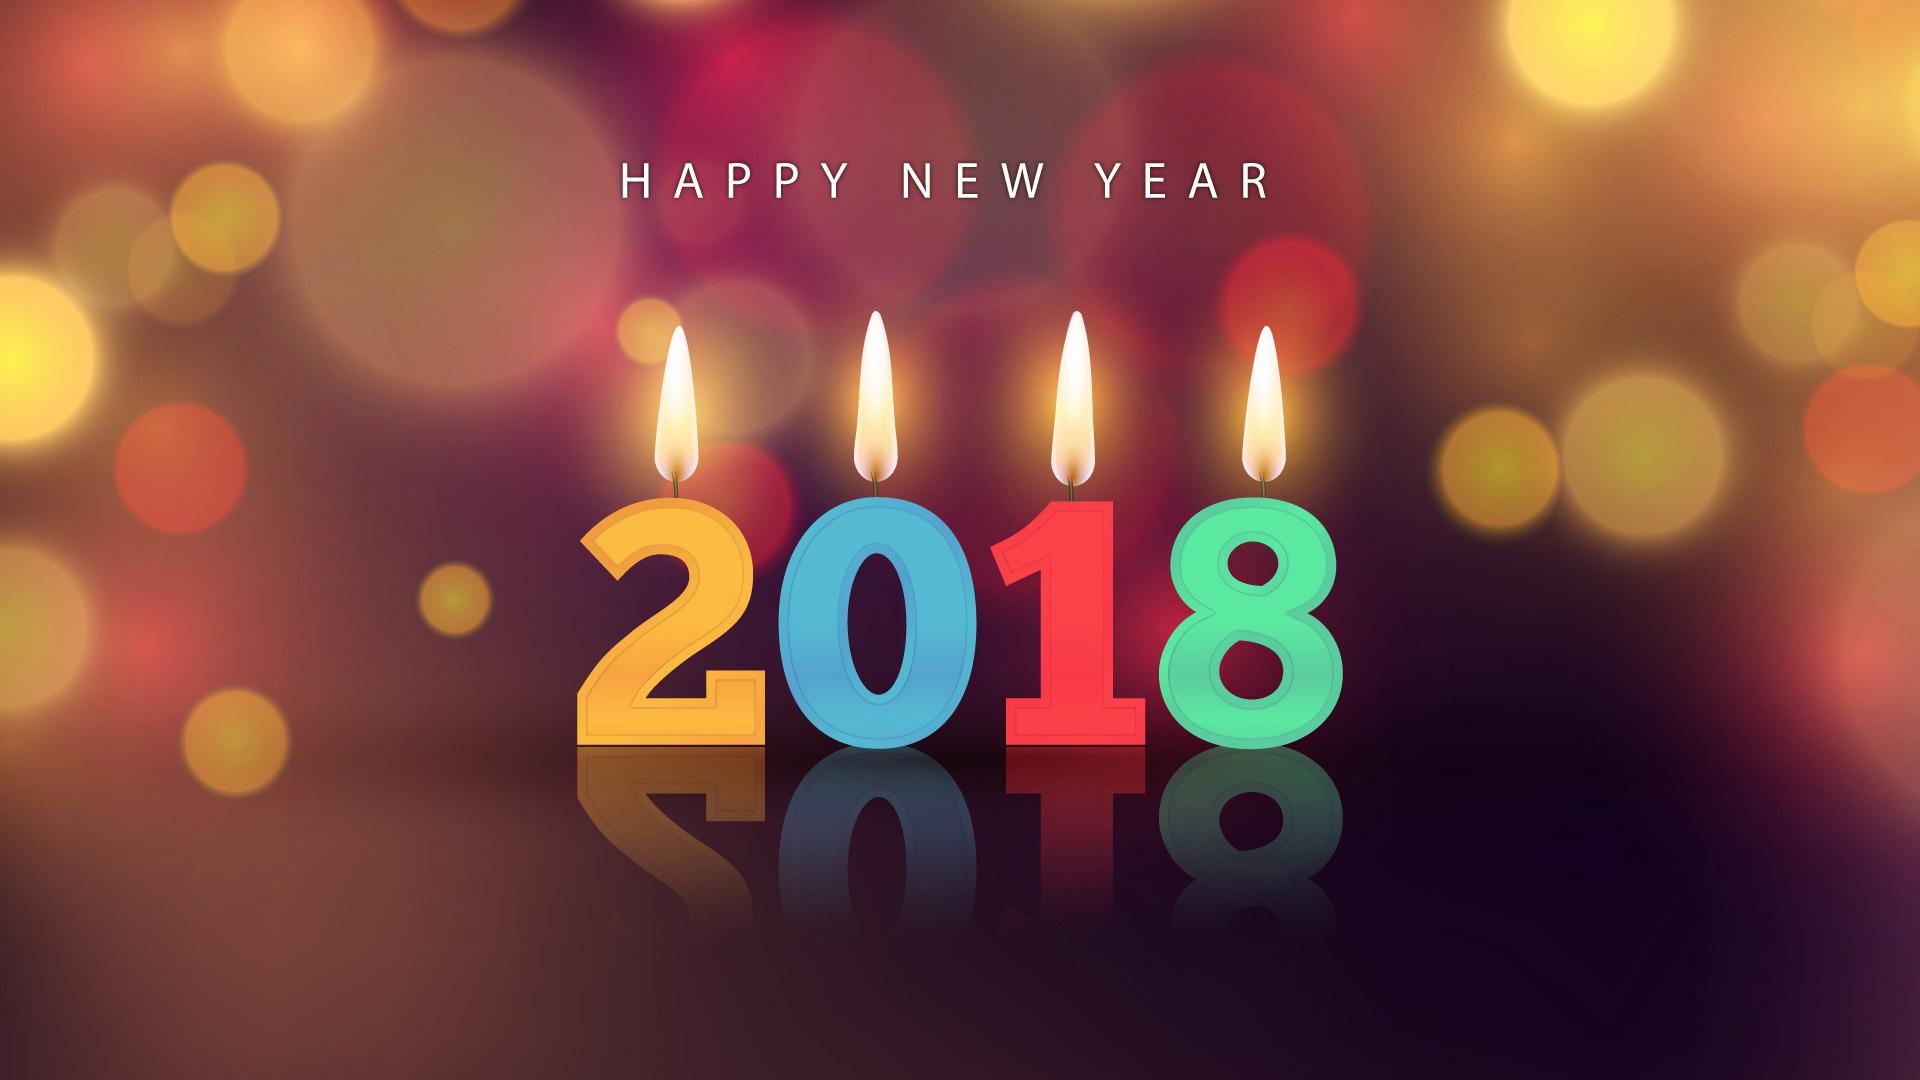 Chúc mừng năm mới Mậu Tuất năm 2018!